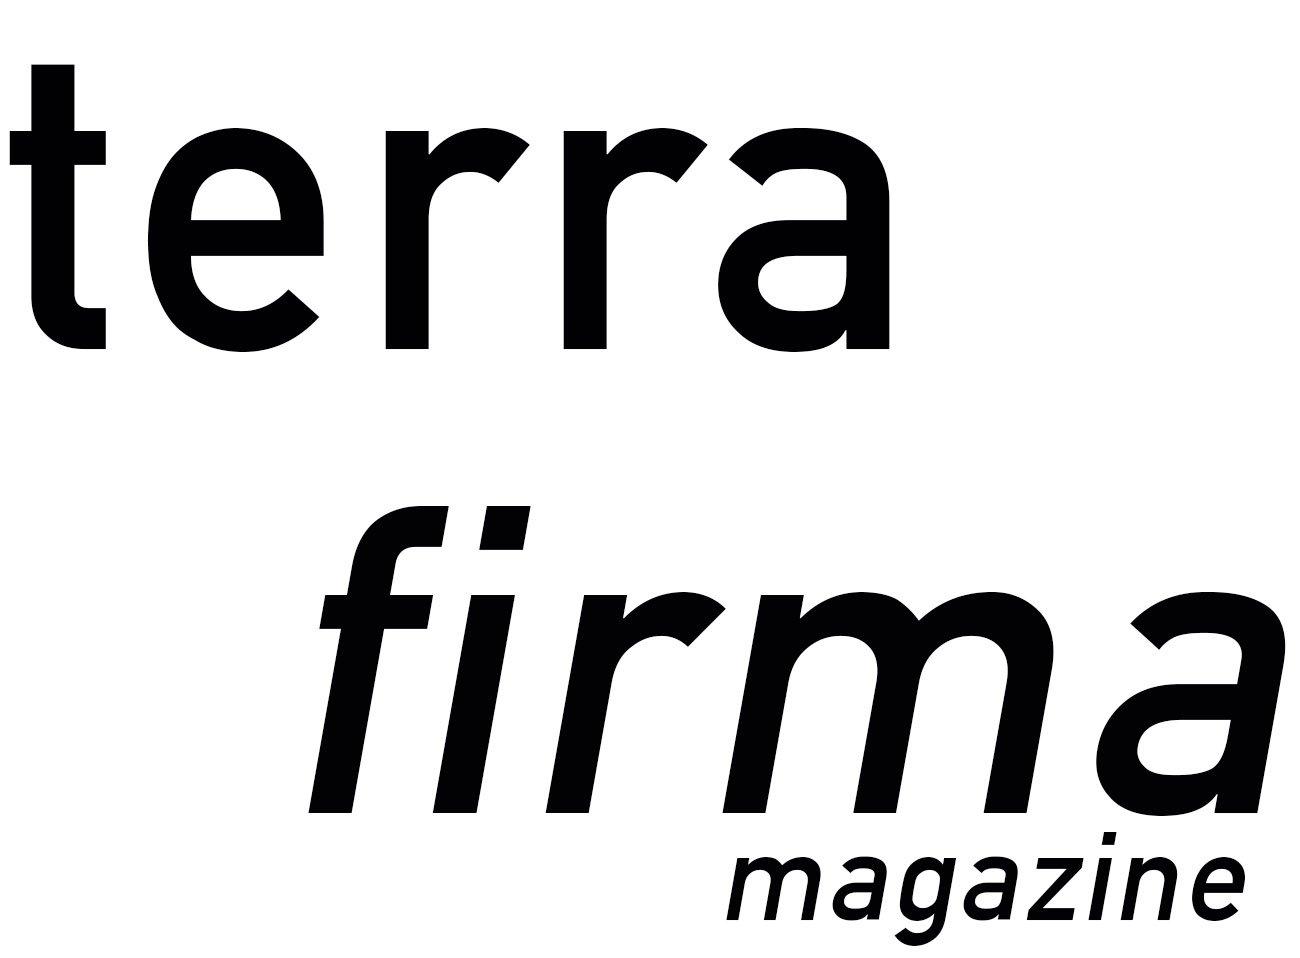 terra firma magazine